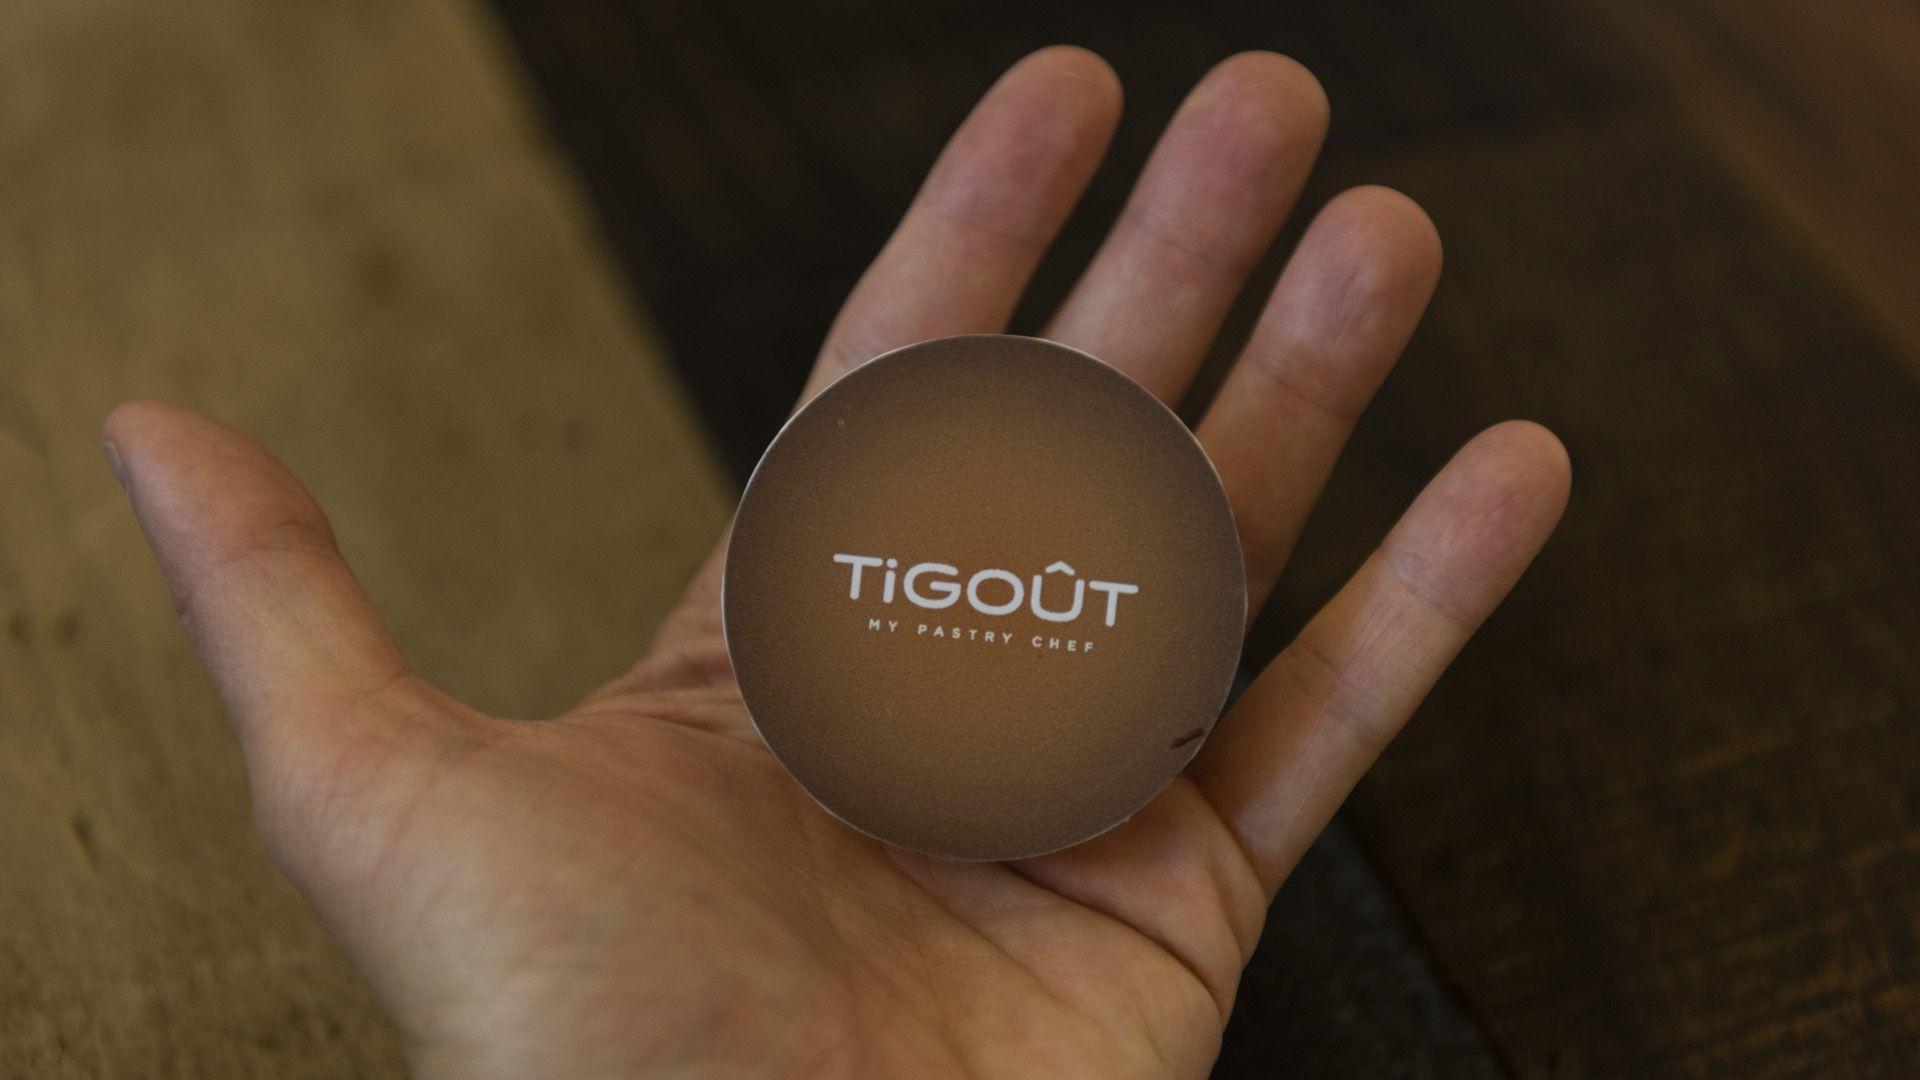 Las cápsulas, la parte más rentable del negocio, comenzaron a elaborarse en la Argentina; hoy, Tigout ya está montando una fábrica en España (Adrián Escandar)